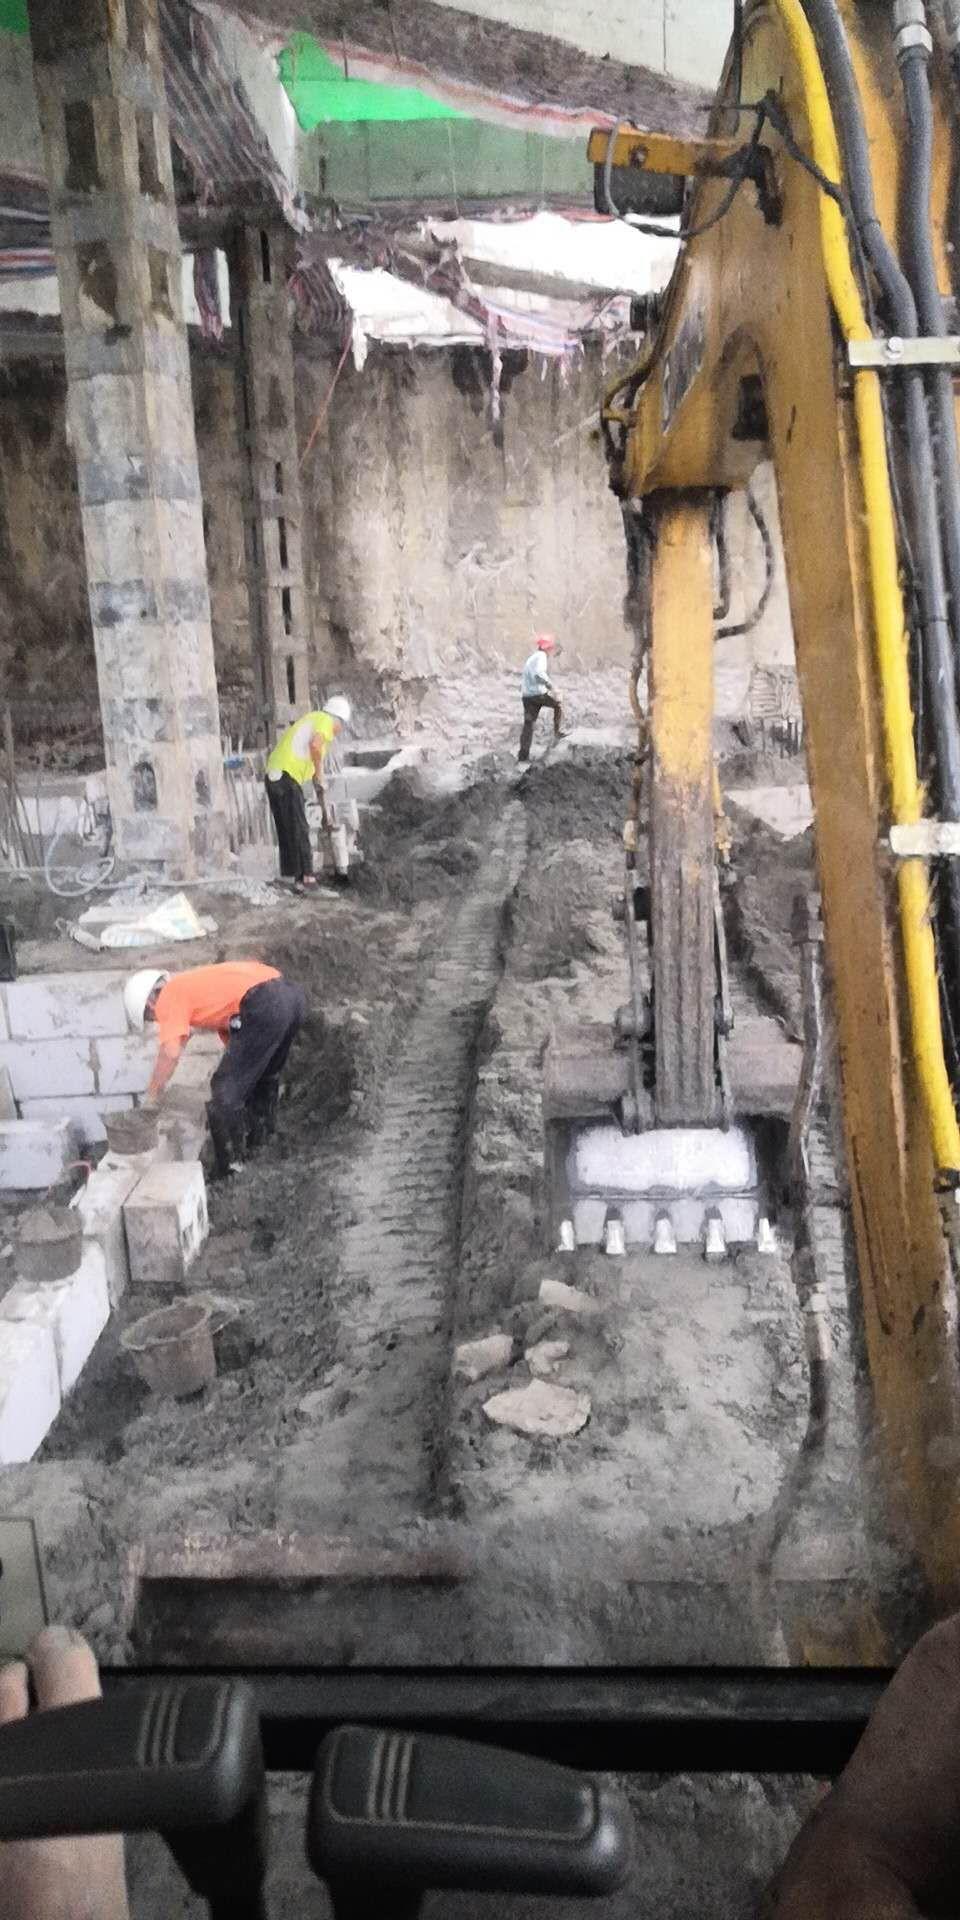 给公司开挖机二三事(5):终章-江湖路远,后会无期。